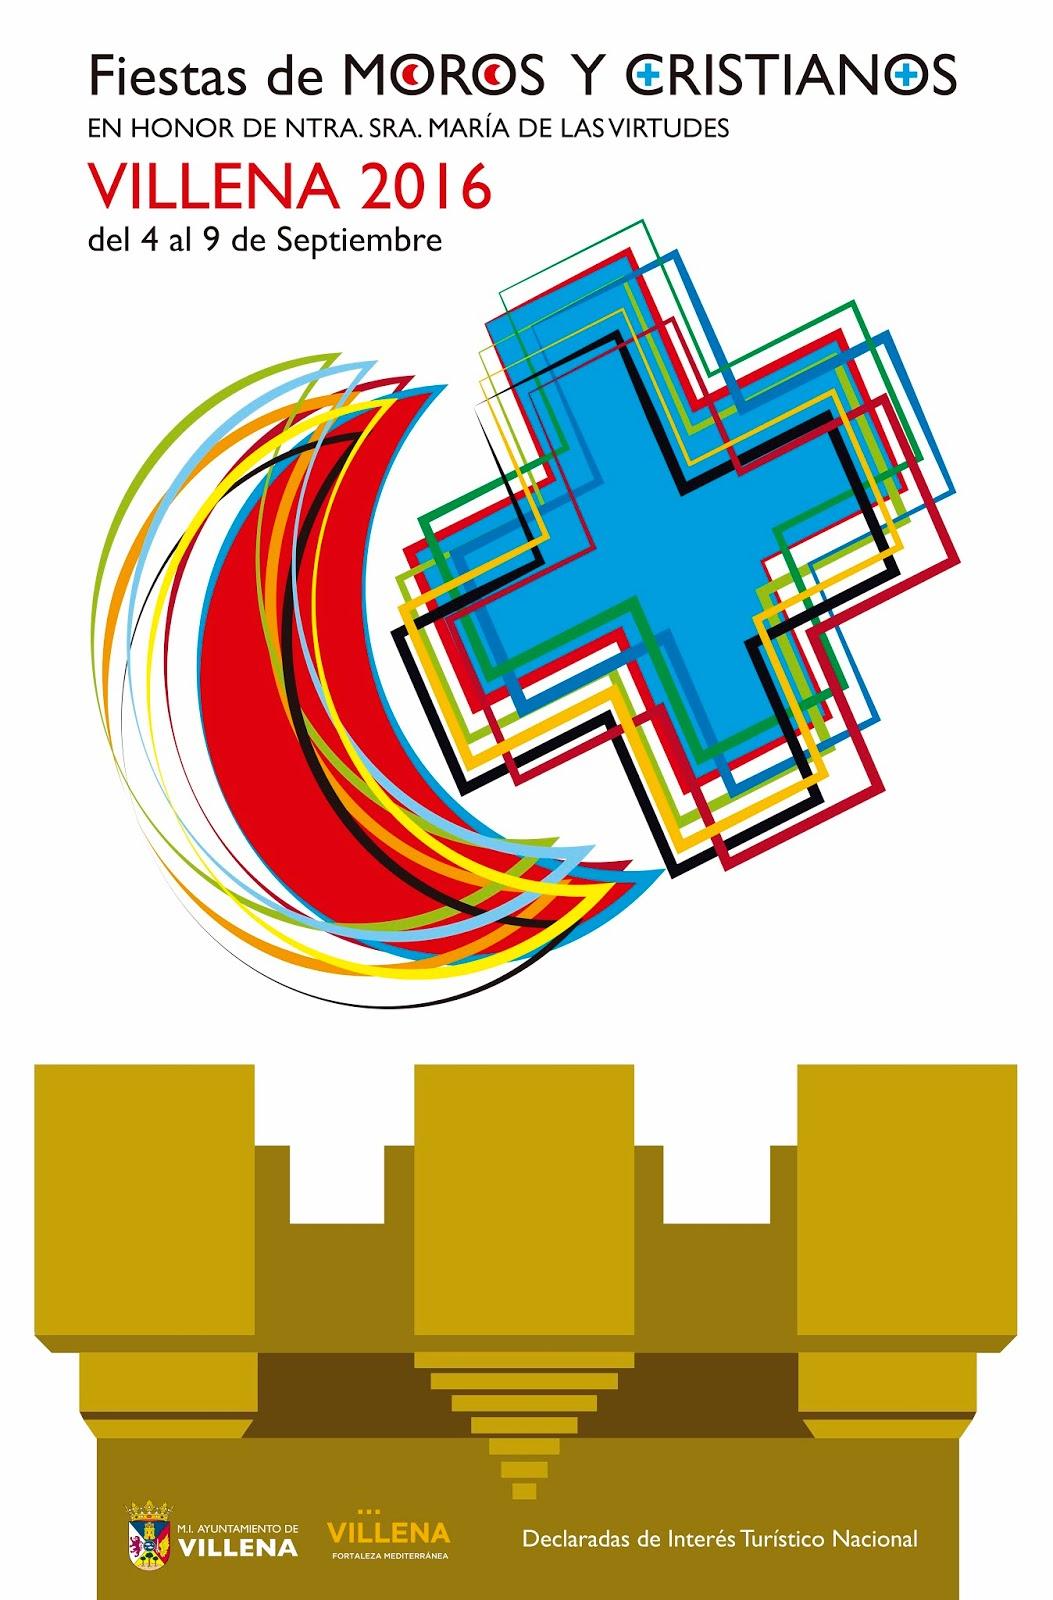 2016 CARTEL FIESTAS MOROS Y CRISTIANOS ANTONIO CHISPES